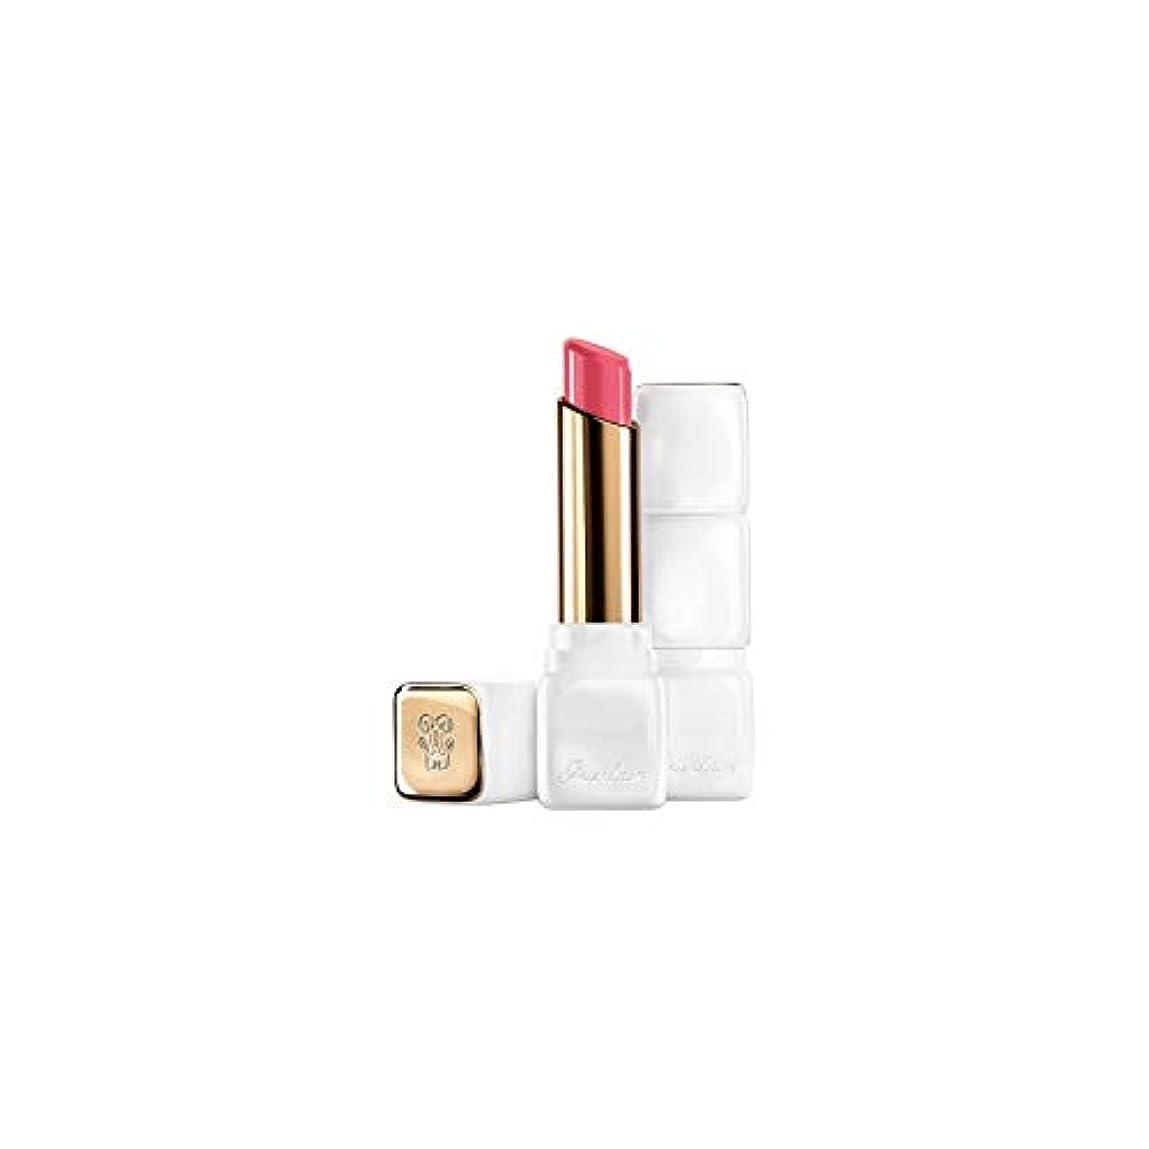 おもしろいに勝るゆるいゲラン KissKiss Roselip Hydrating & Plumping Tinted Lip Balm - #R373 Pink Me Up 2.8g/0.09oz並行輸入品